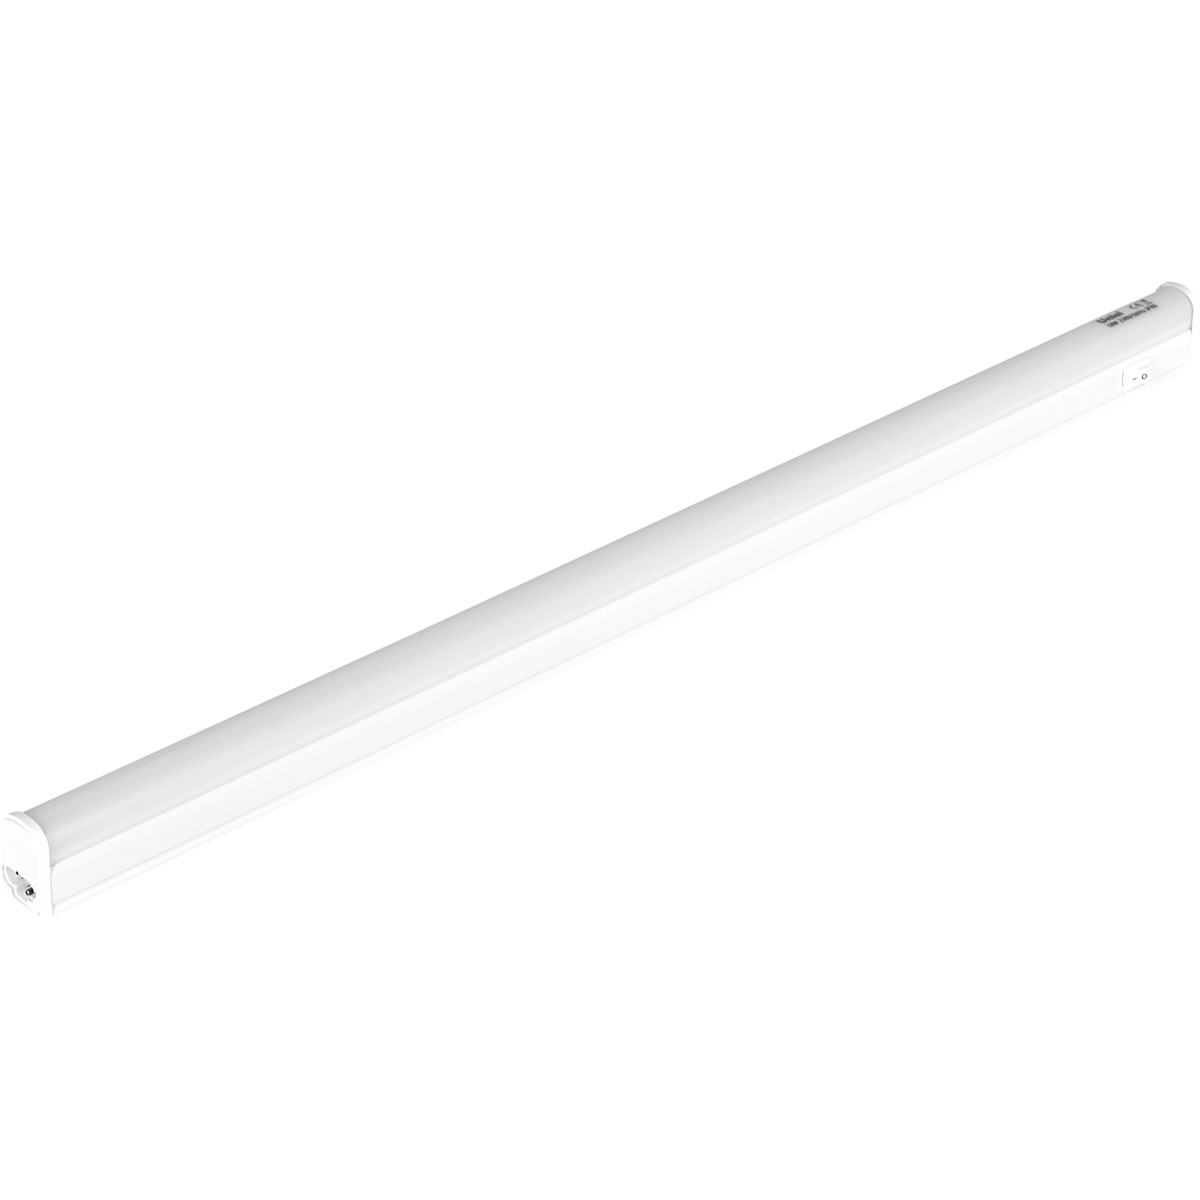 Светильник светодиодный Uniel UL-00002258 для растений 18 Вт 56 см IP40